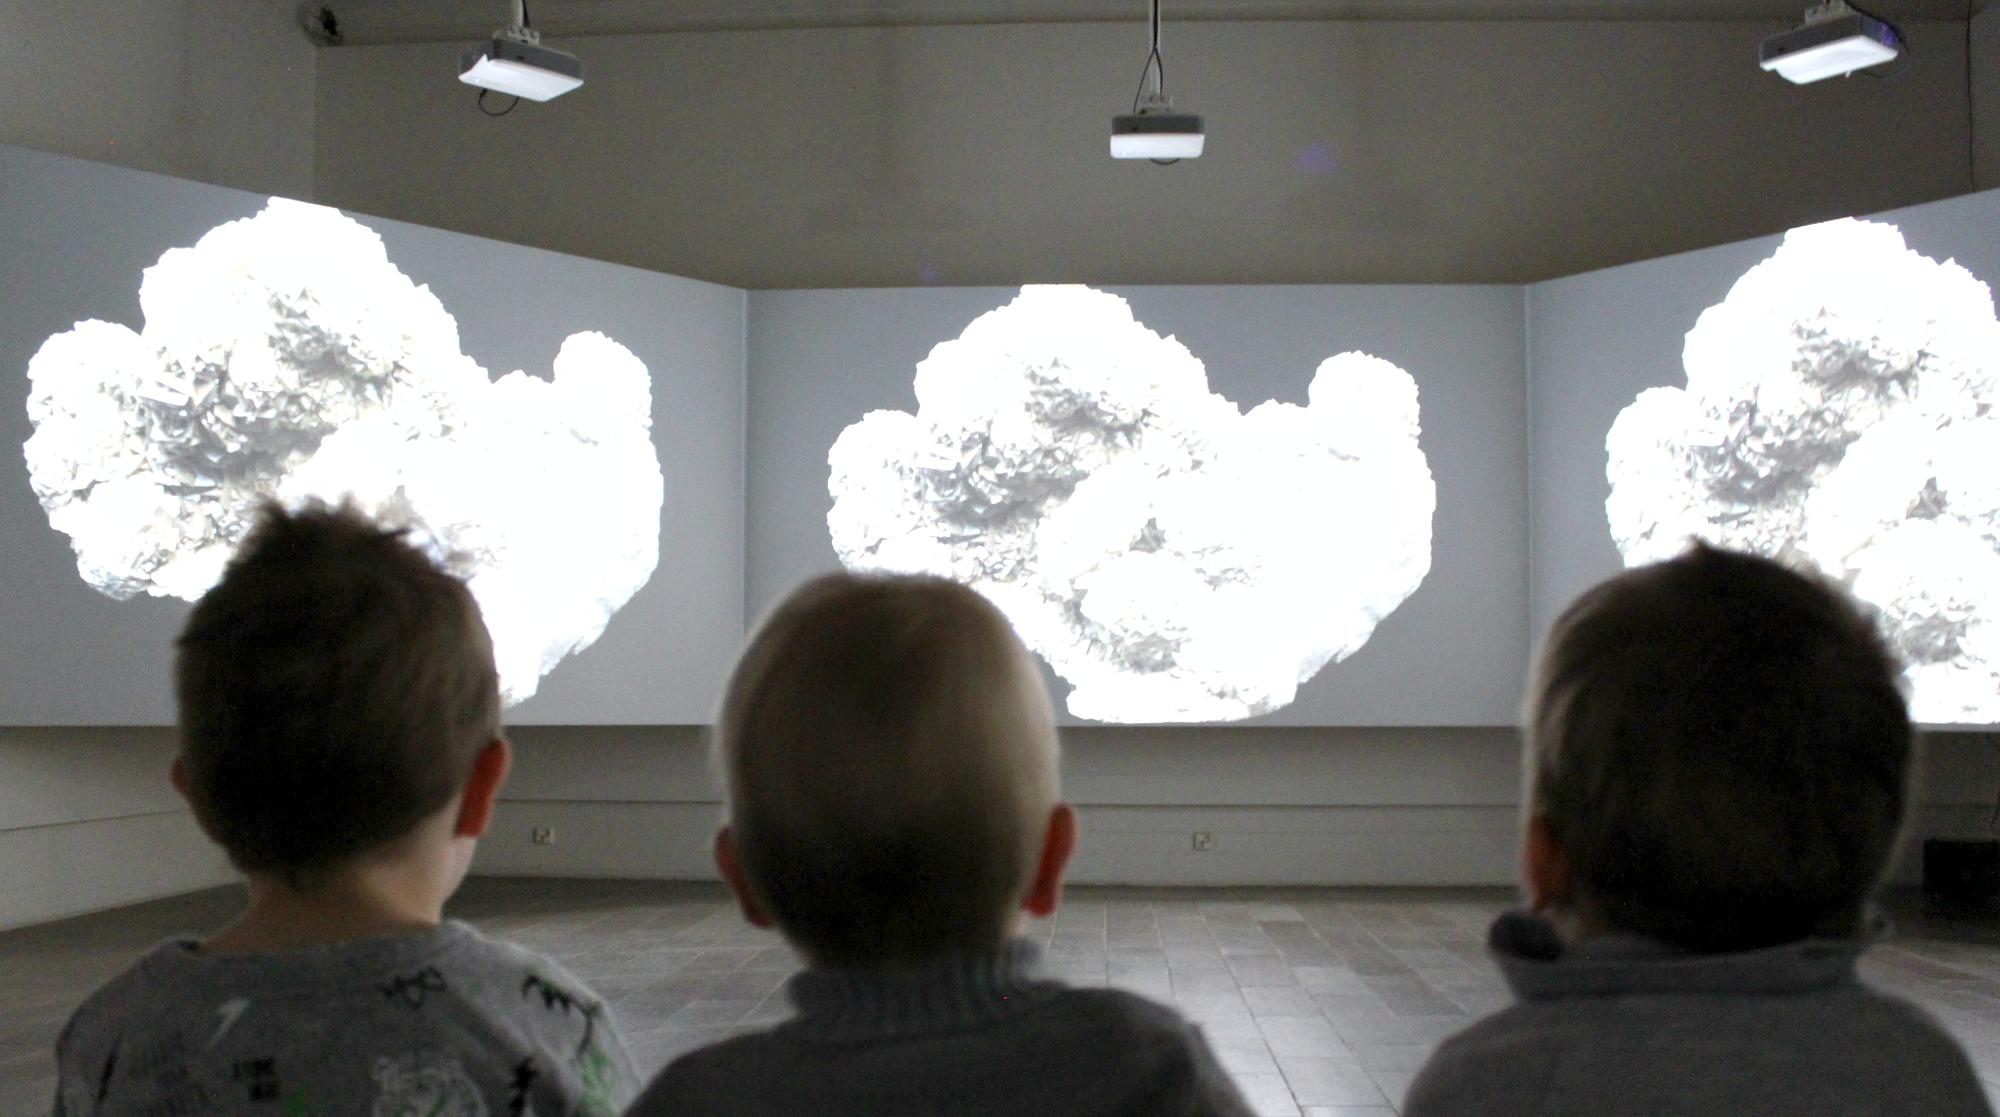 Saara Ekström / Alkemia / Wäinö Aaltosen museo